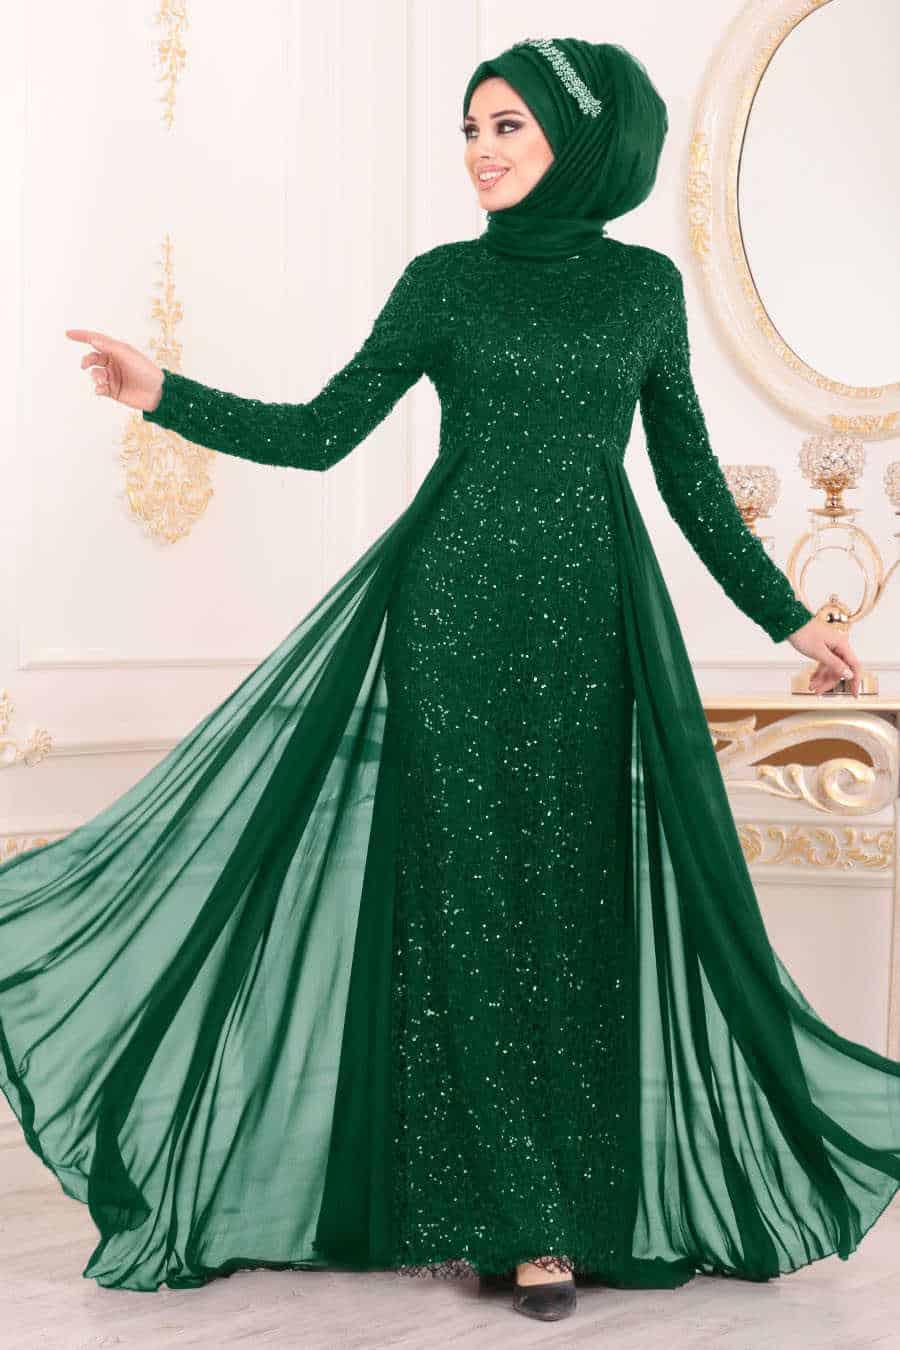 ملابس بنات عرض ازياء فستان سهرة صور فساتين سهره صور ملابس 2020 24